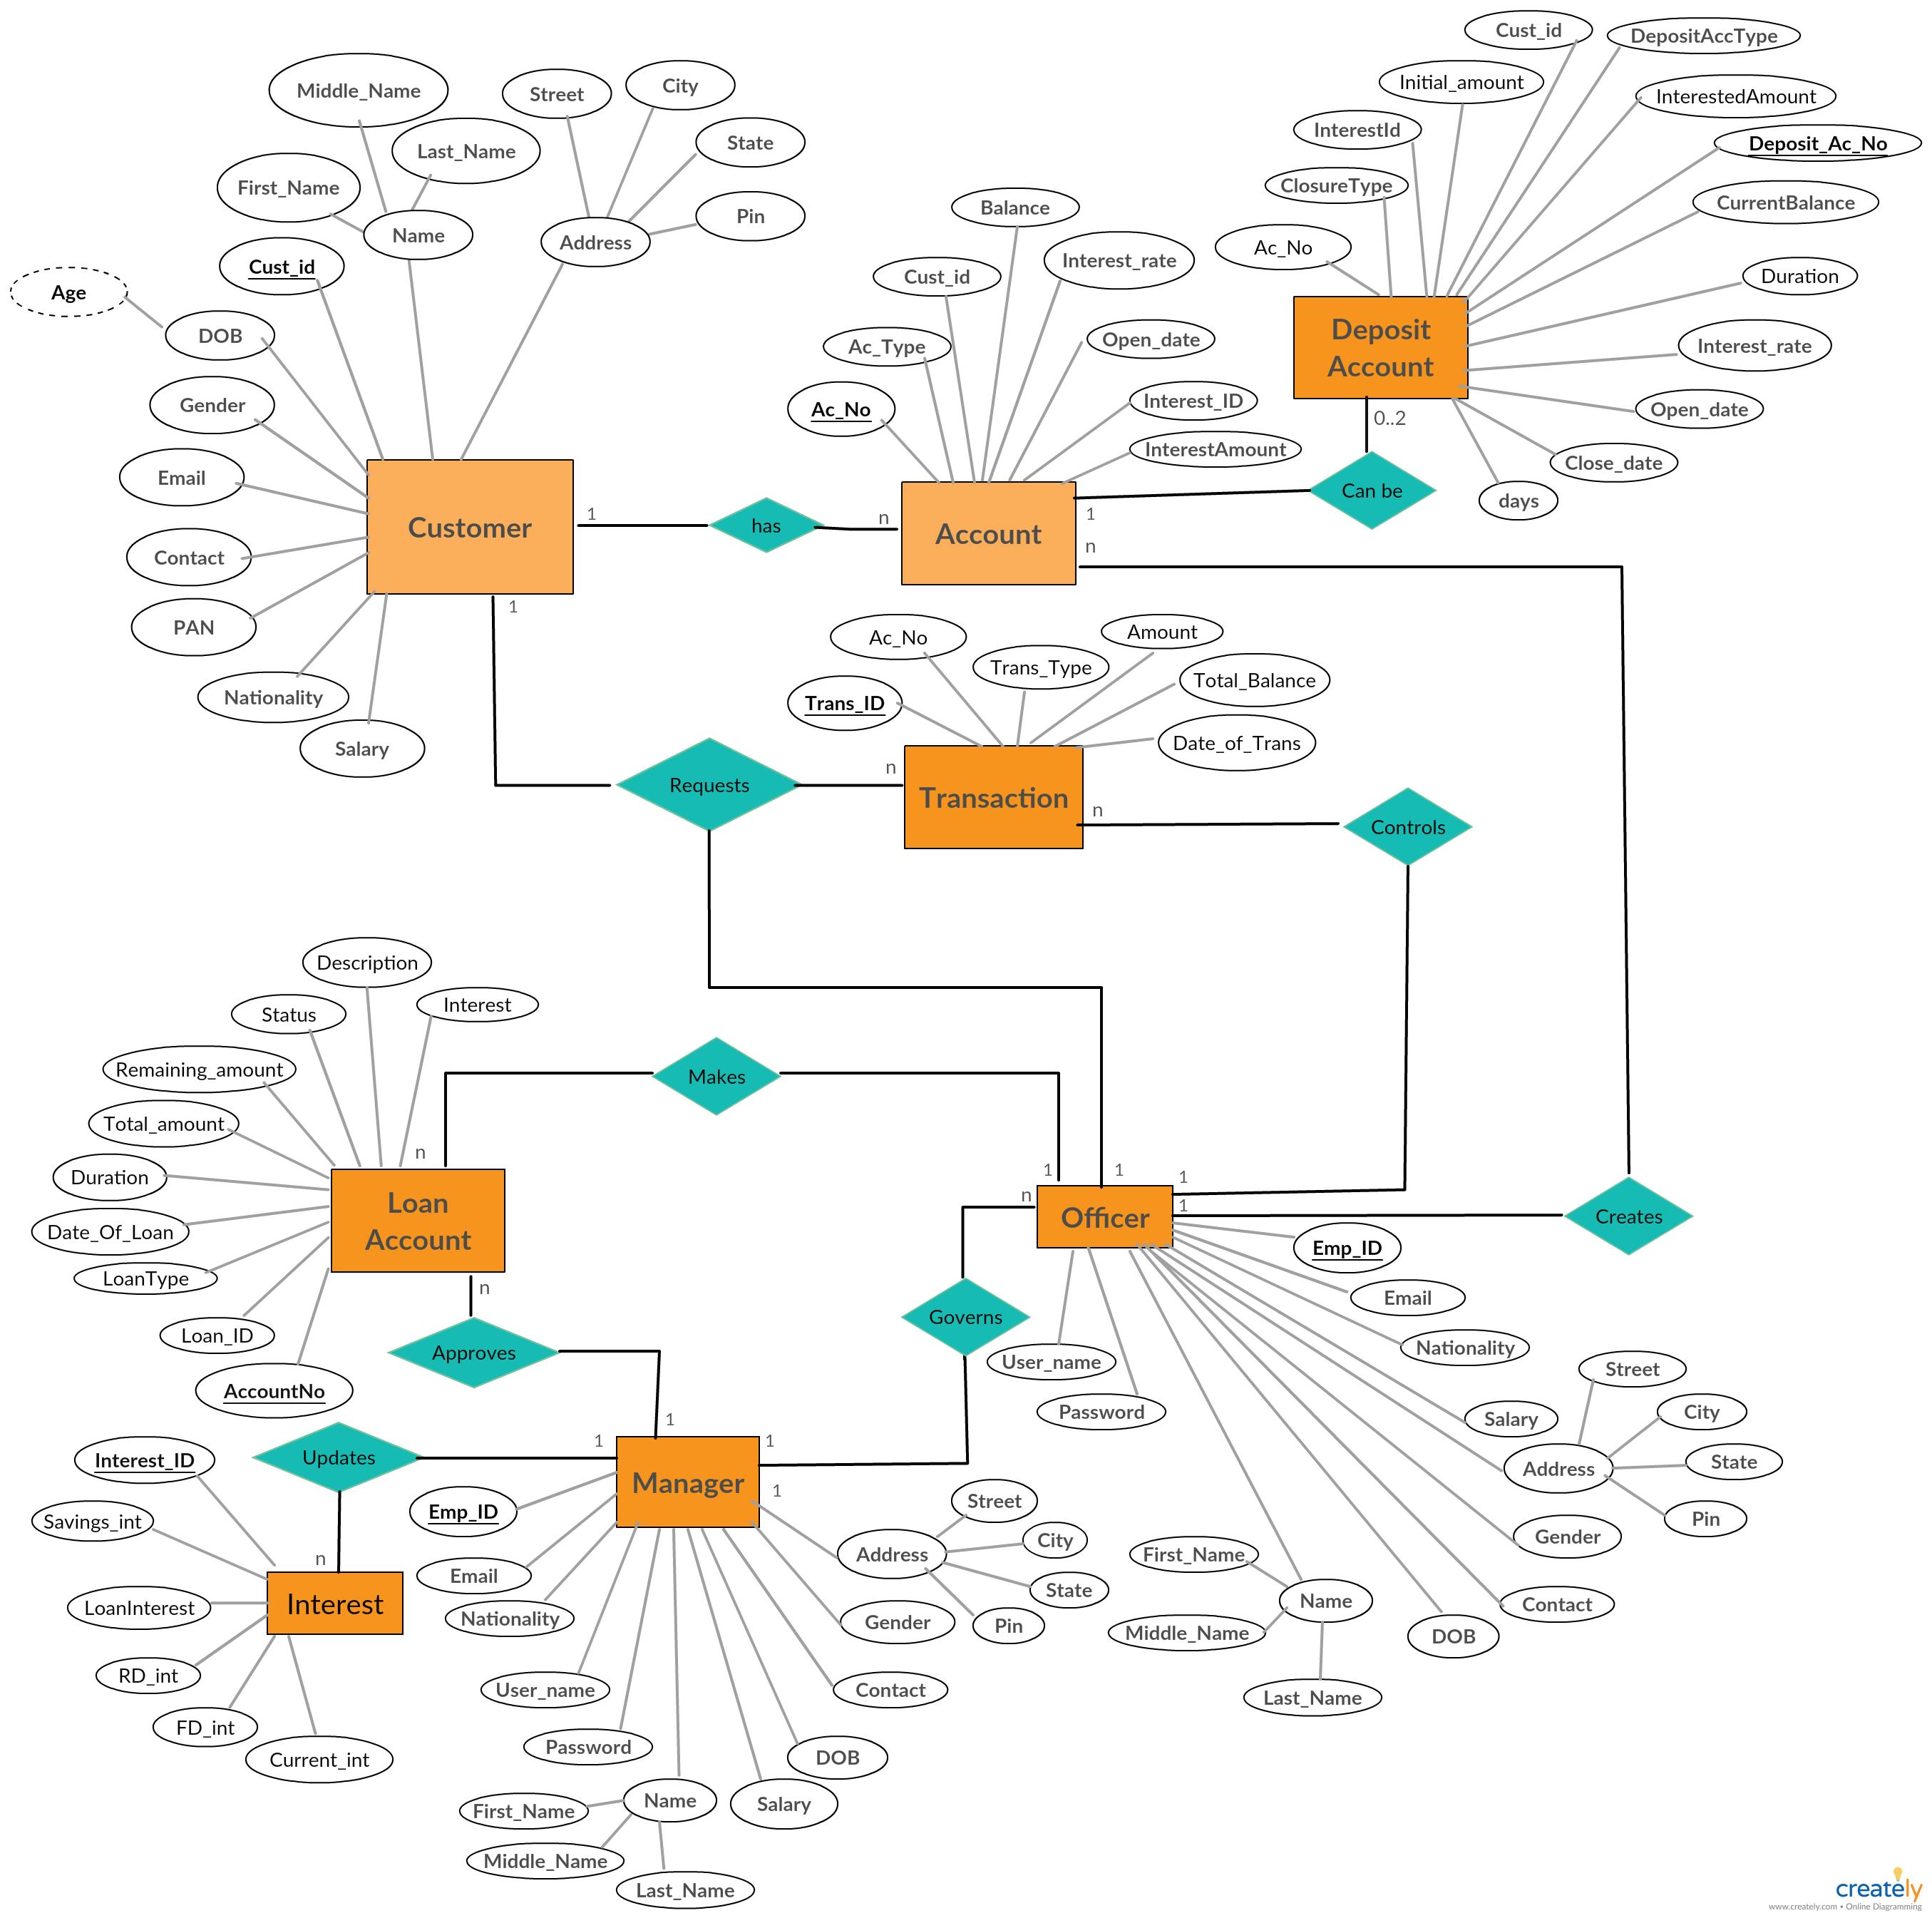 Er Diagram For Online Banking System Pdf